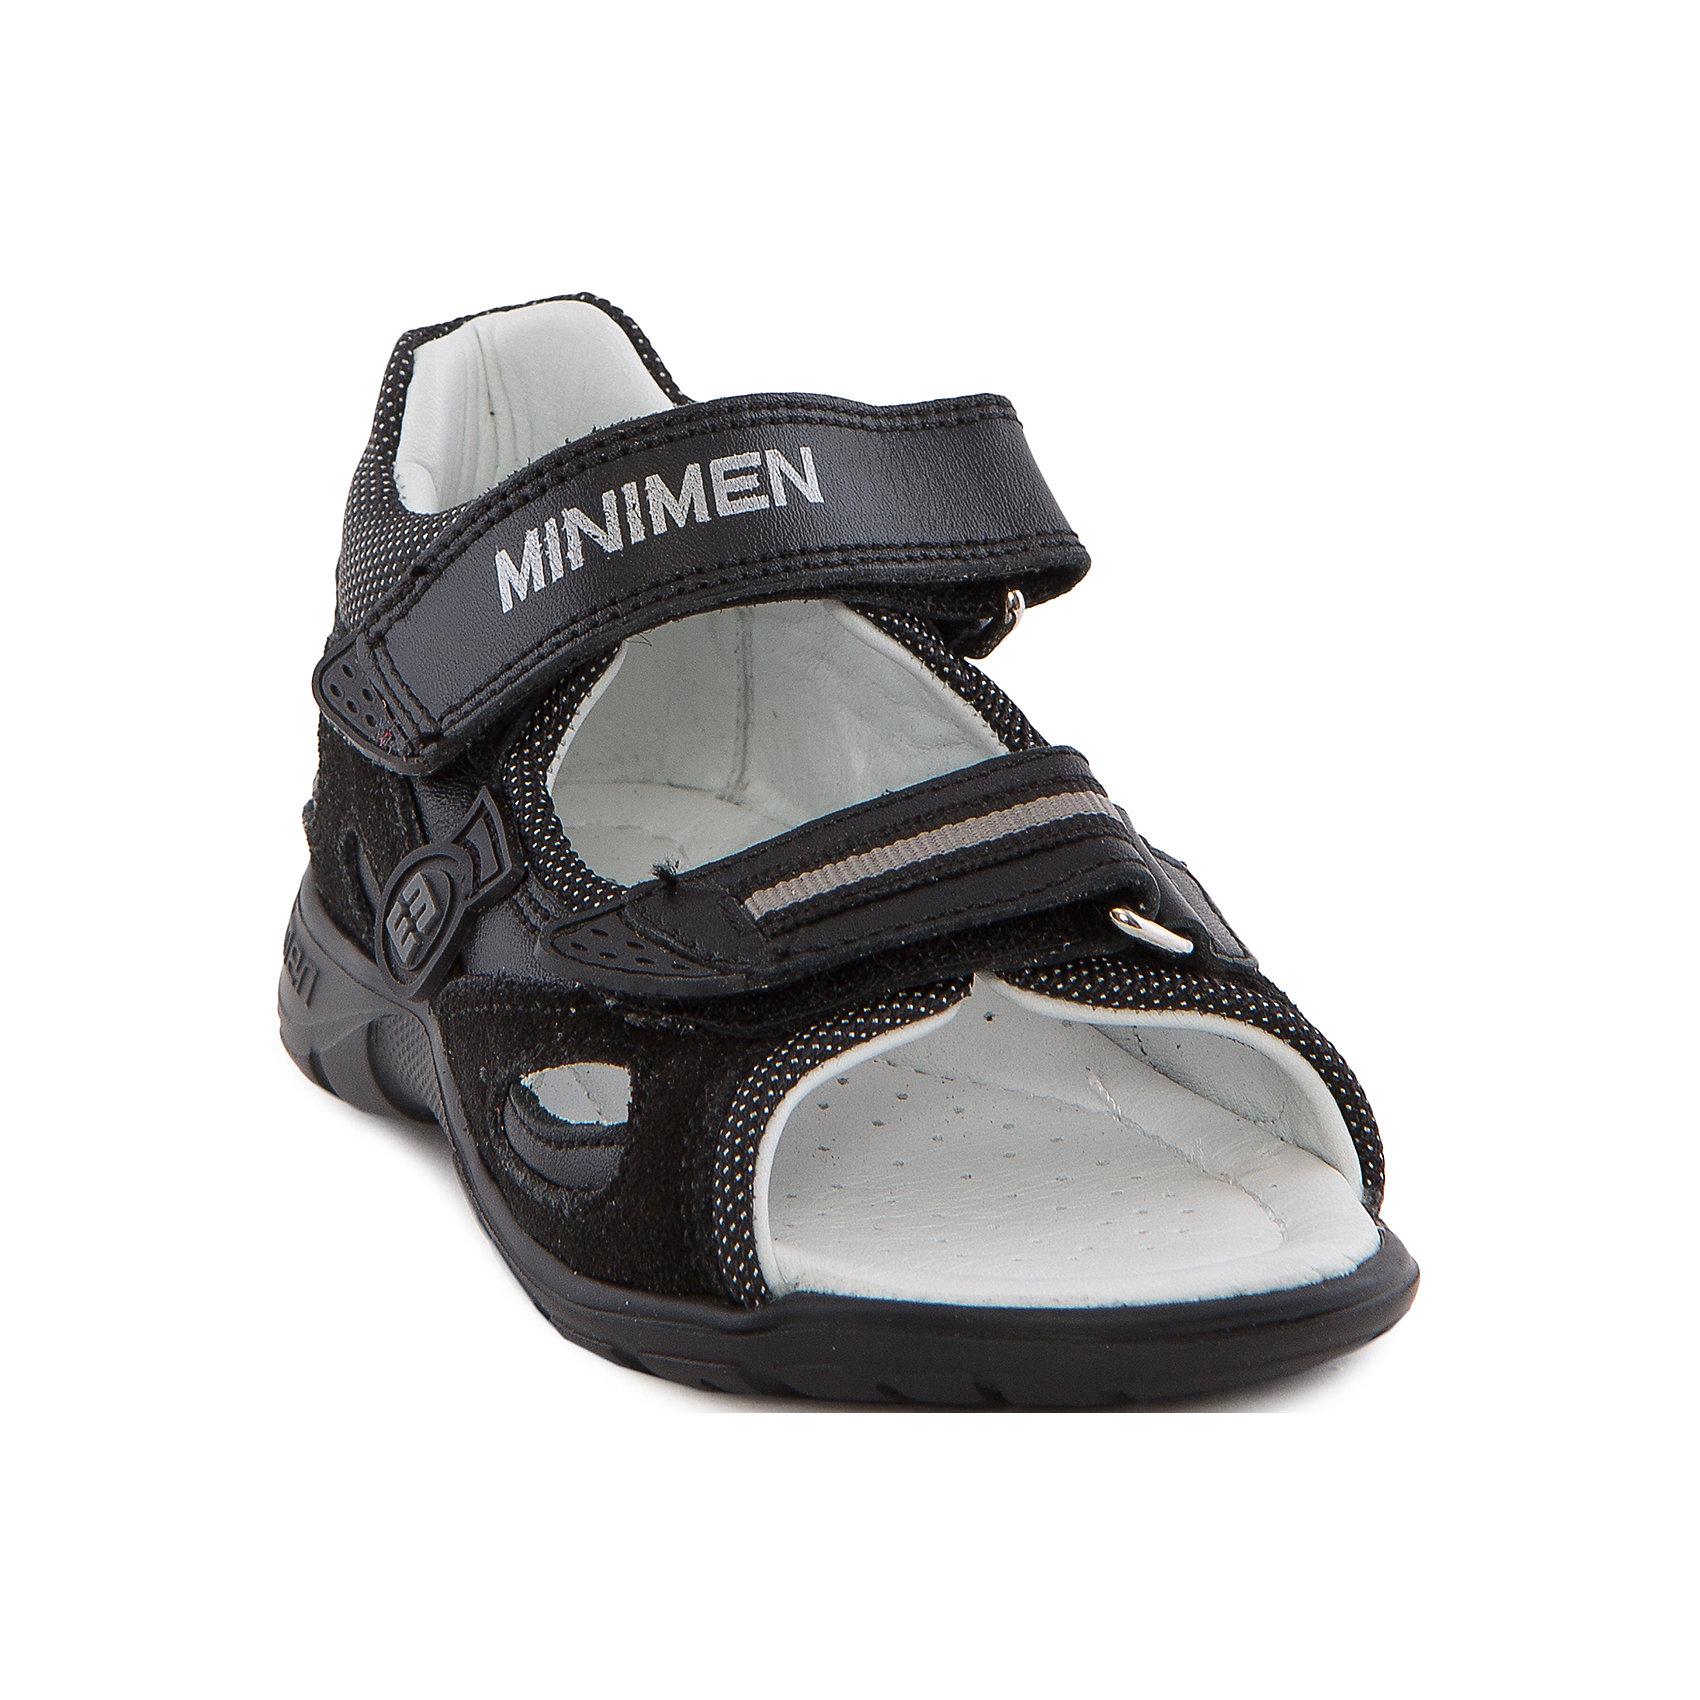 Minimen Сандалии для мальчика Minimen minimen minimen мокасины для мальчика коричневые